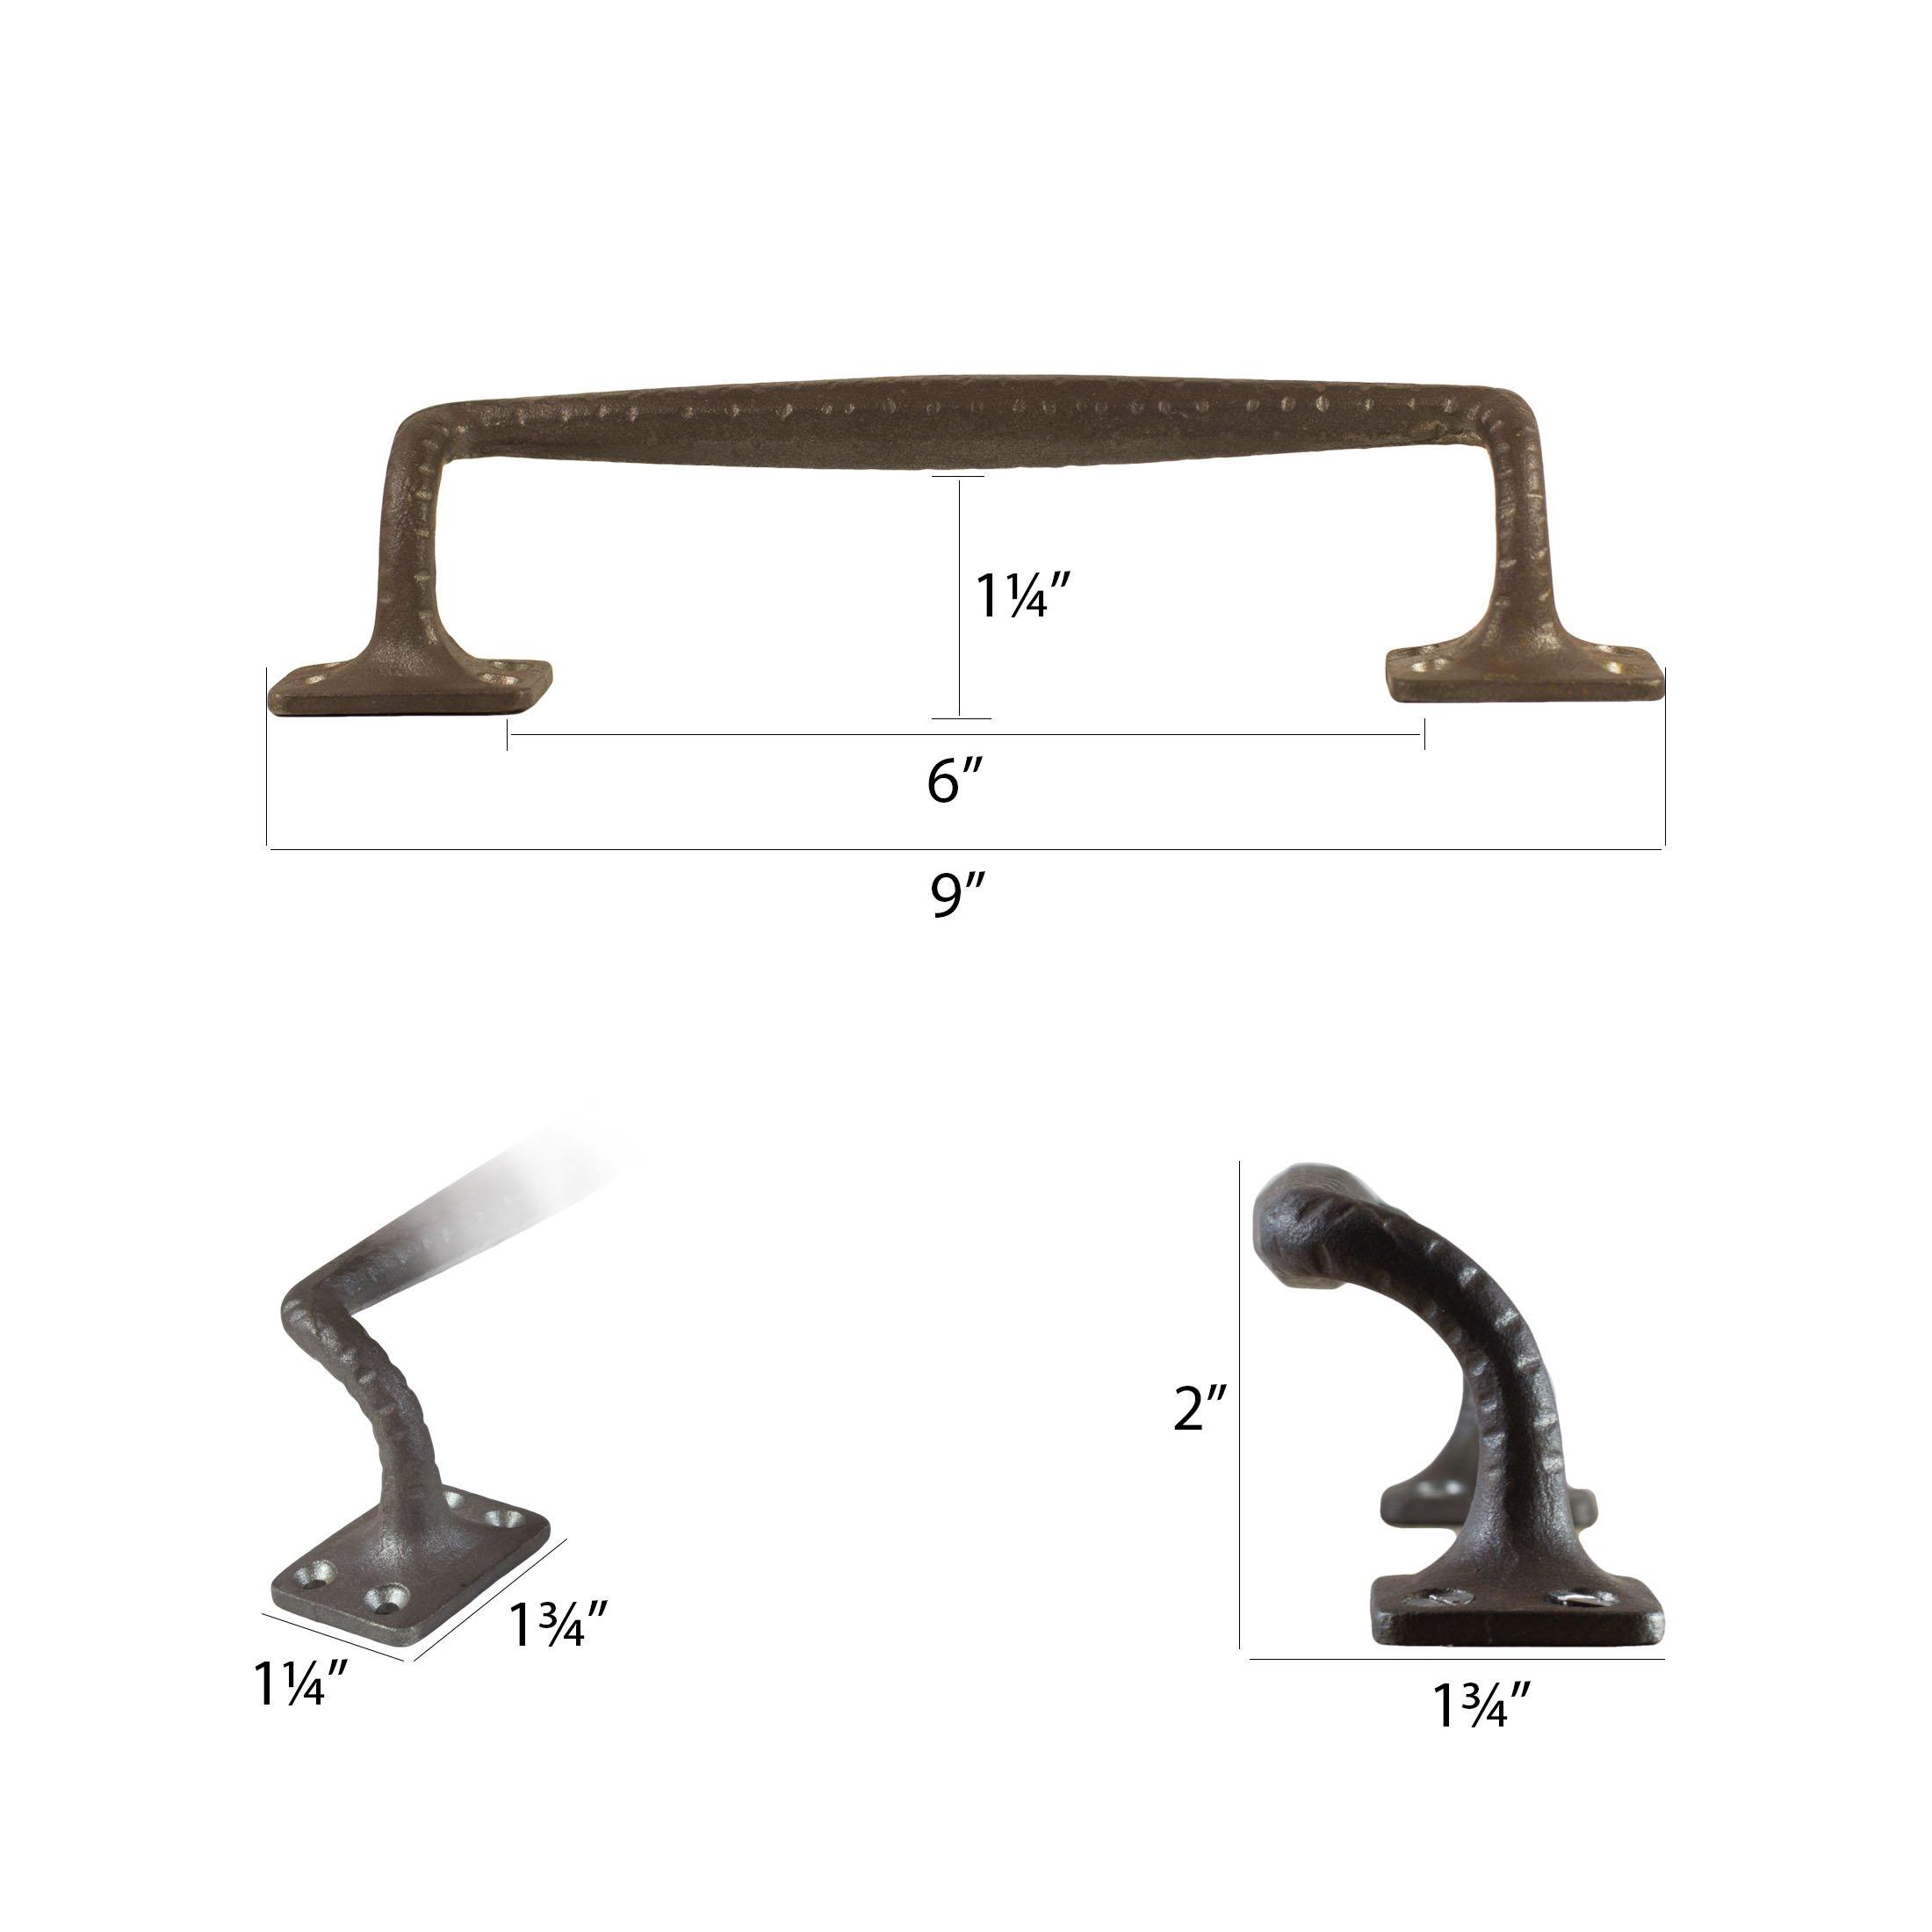 """Rustic Barn Door Pull Handles: Barn Door Pull Handle 9"""" Solid Cast Iron With Rustic Look"""